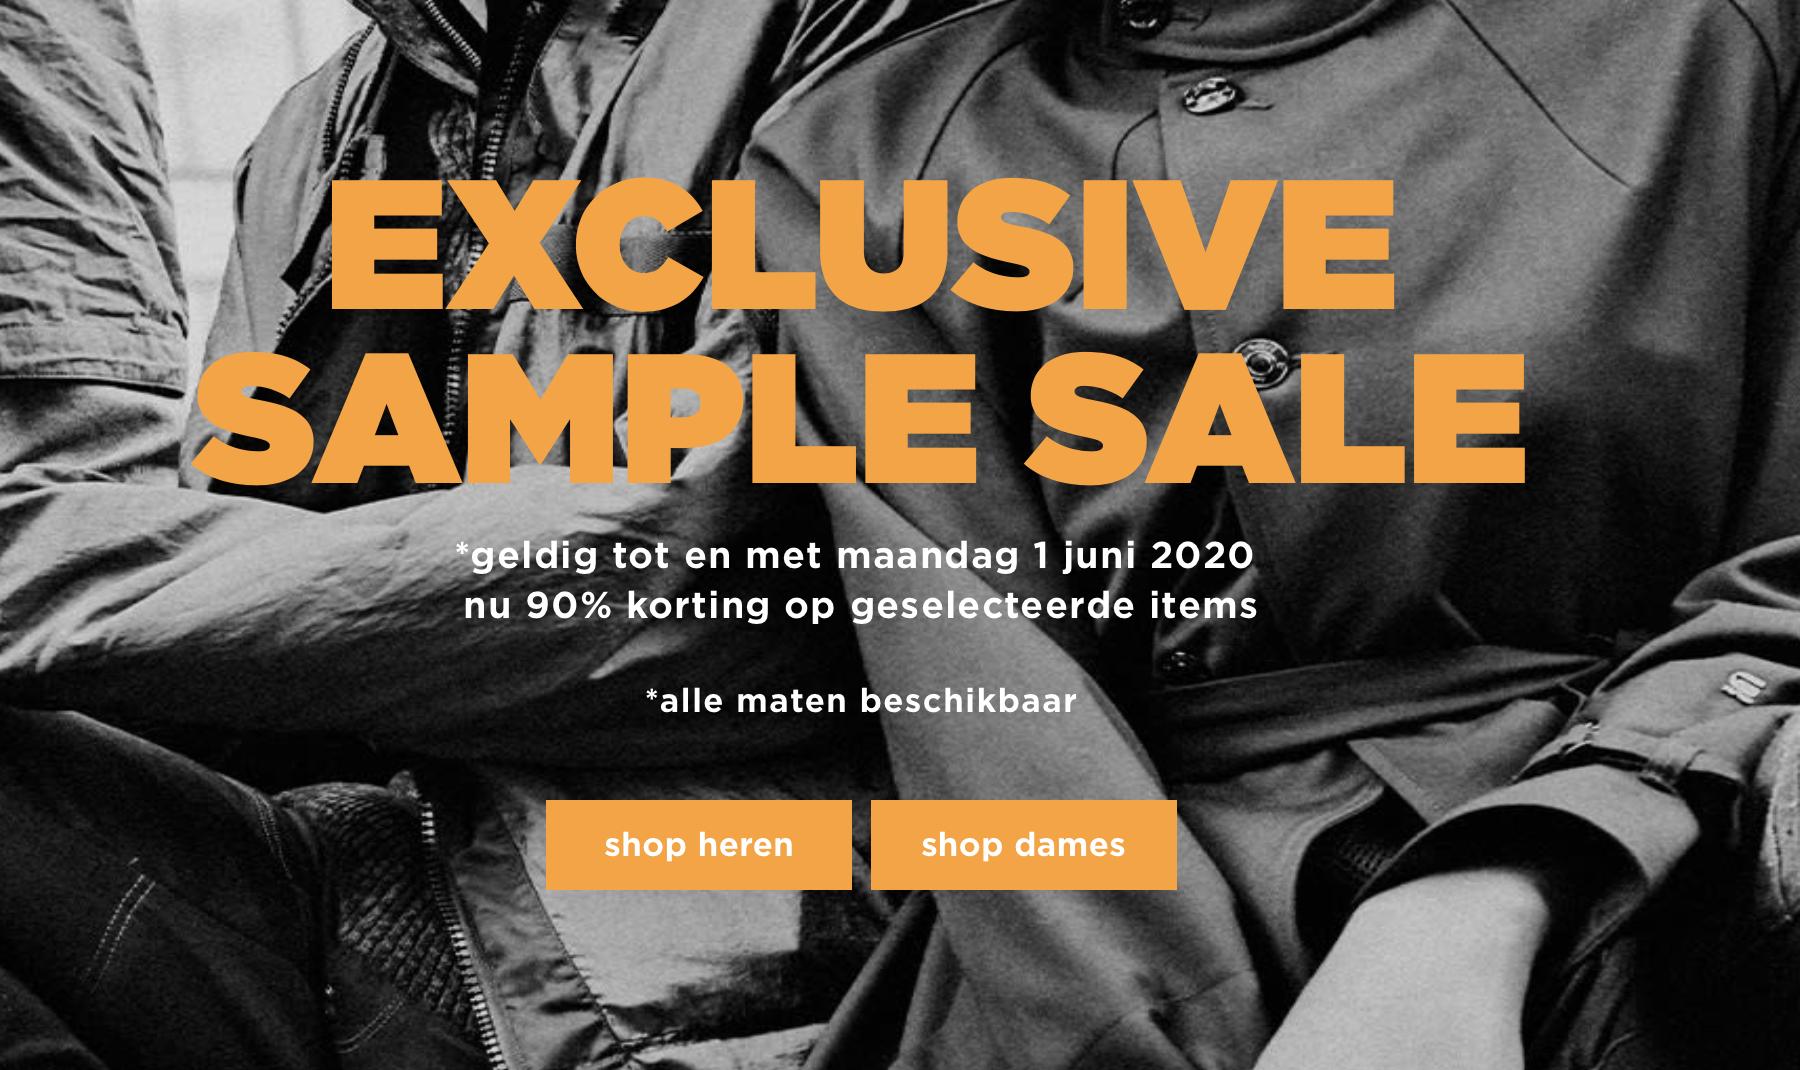 Exclusive Sample Sale (kortingen tot 90%) @ G-star Outlet